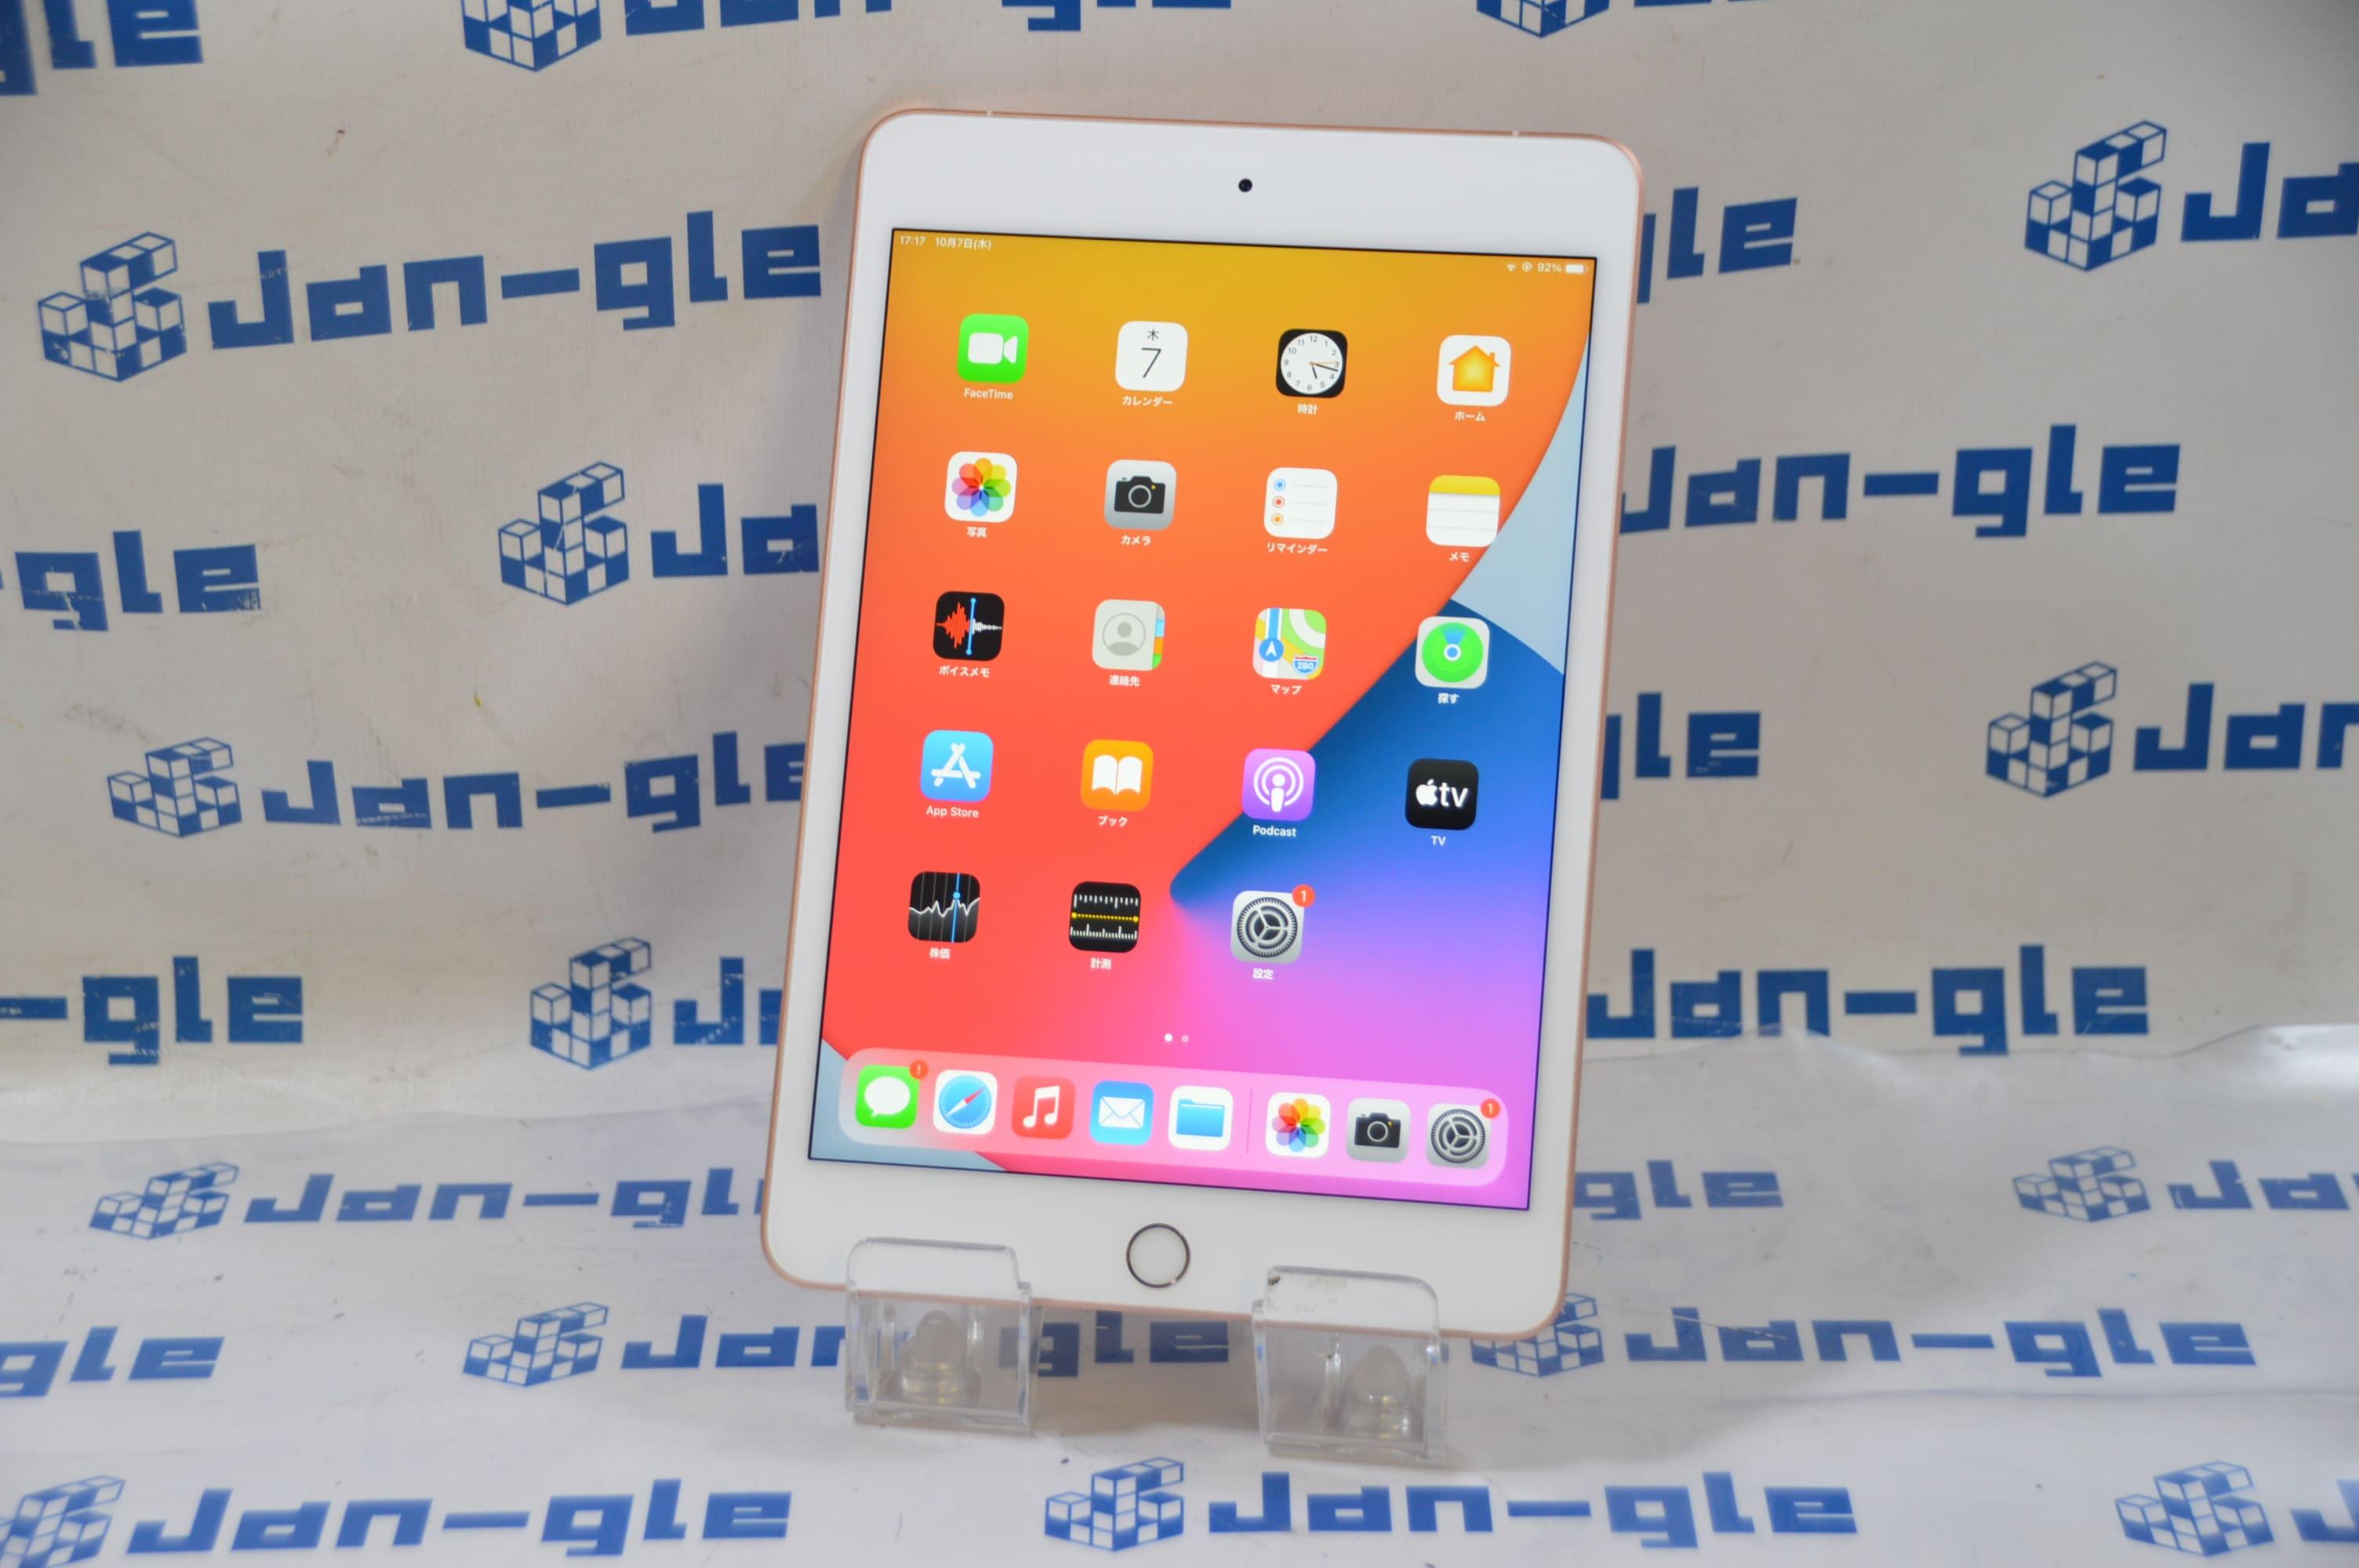 【緊急入荷!!】オンラインサポートオープン記念!! Apple iPad mini5 Wi-fi+Cellular MUXE2J/A ウイルスバスター1年版ライセンス・インストールサポート付でこのお値段!! 数量限定出血大サービス!!